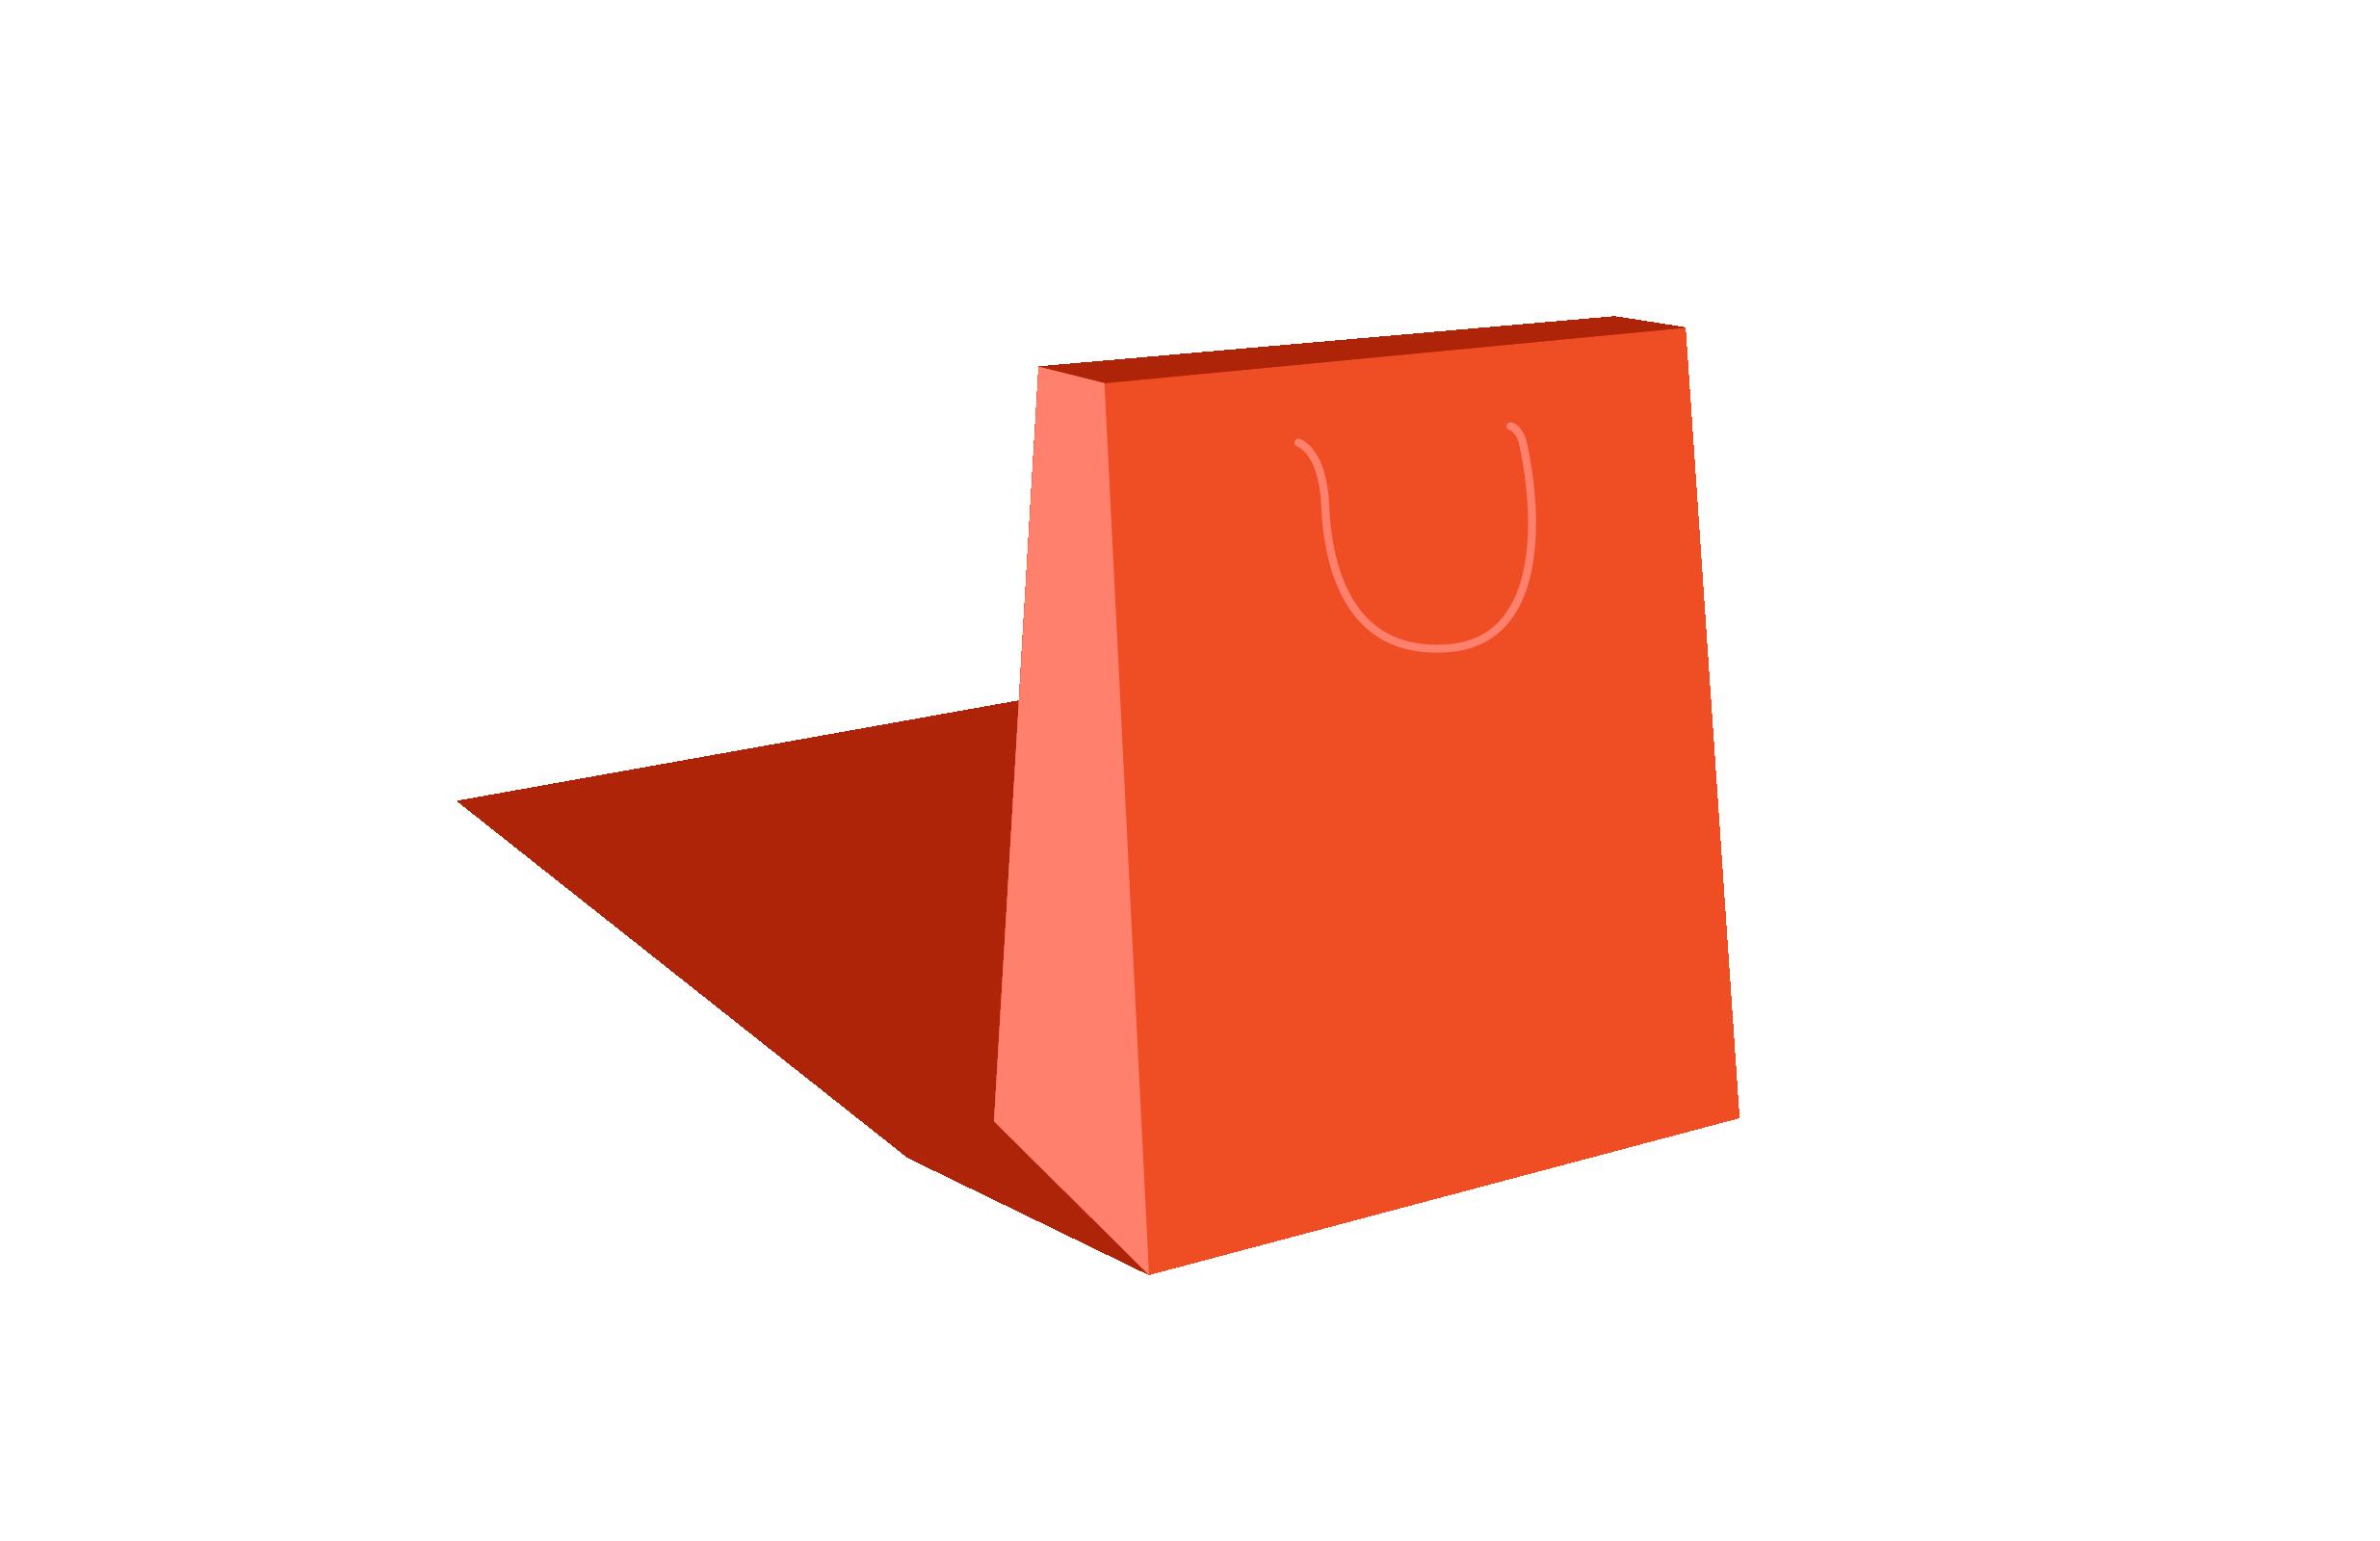 packaging-593-394-05